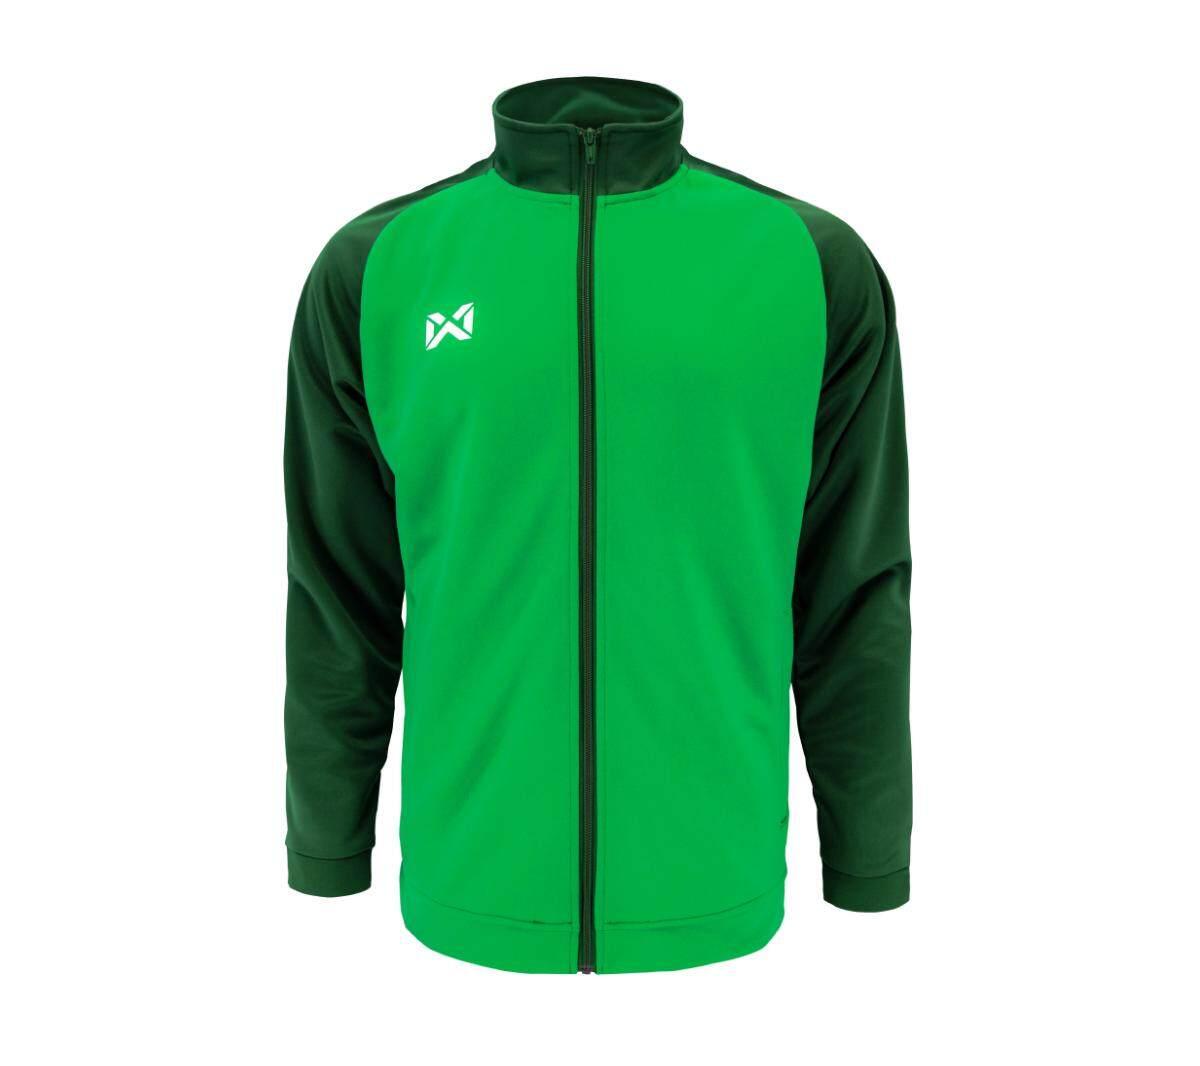 Warrix เสื้อวอร์ม  WA-1715-เขียว-เขียวเข้ม (GG)